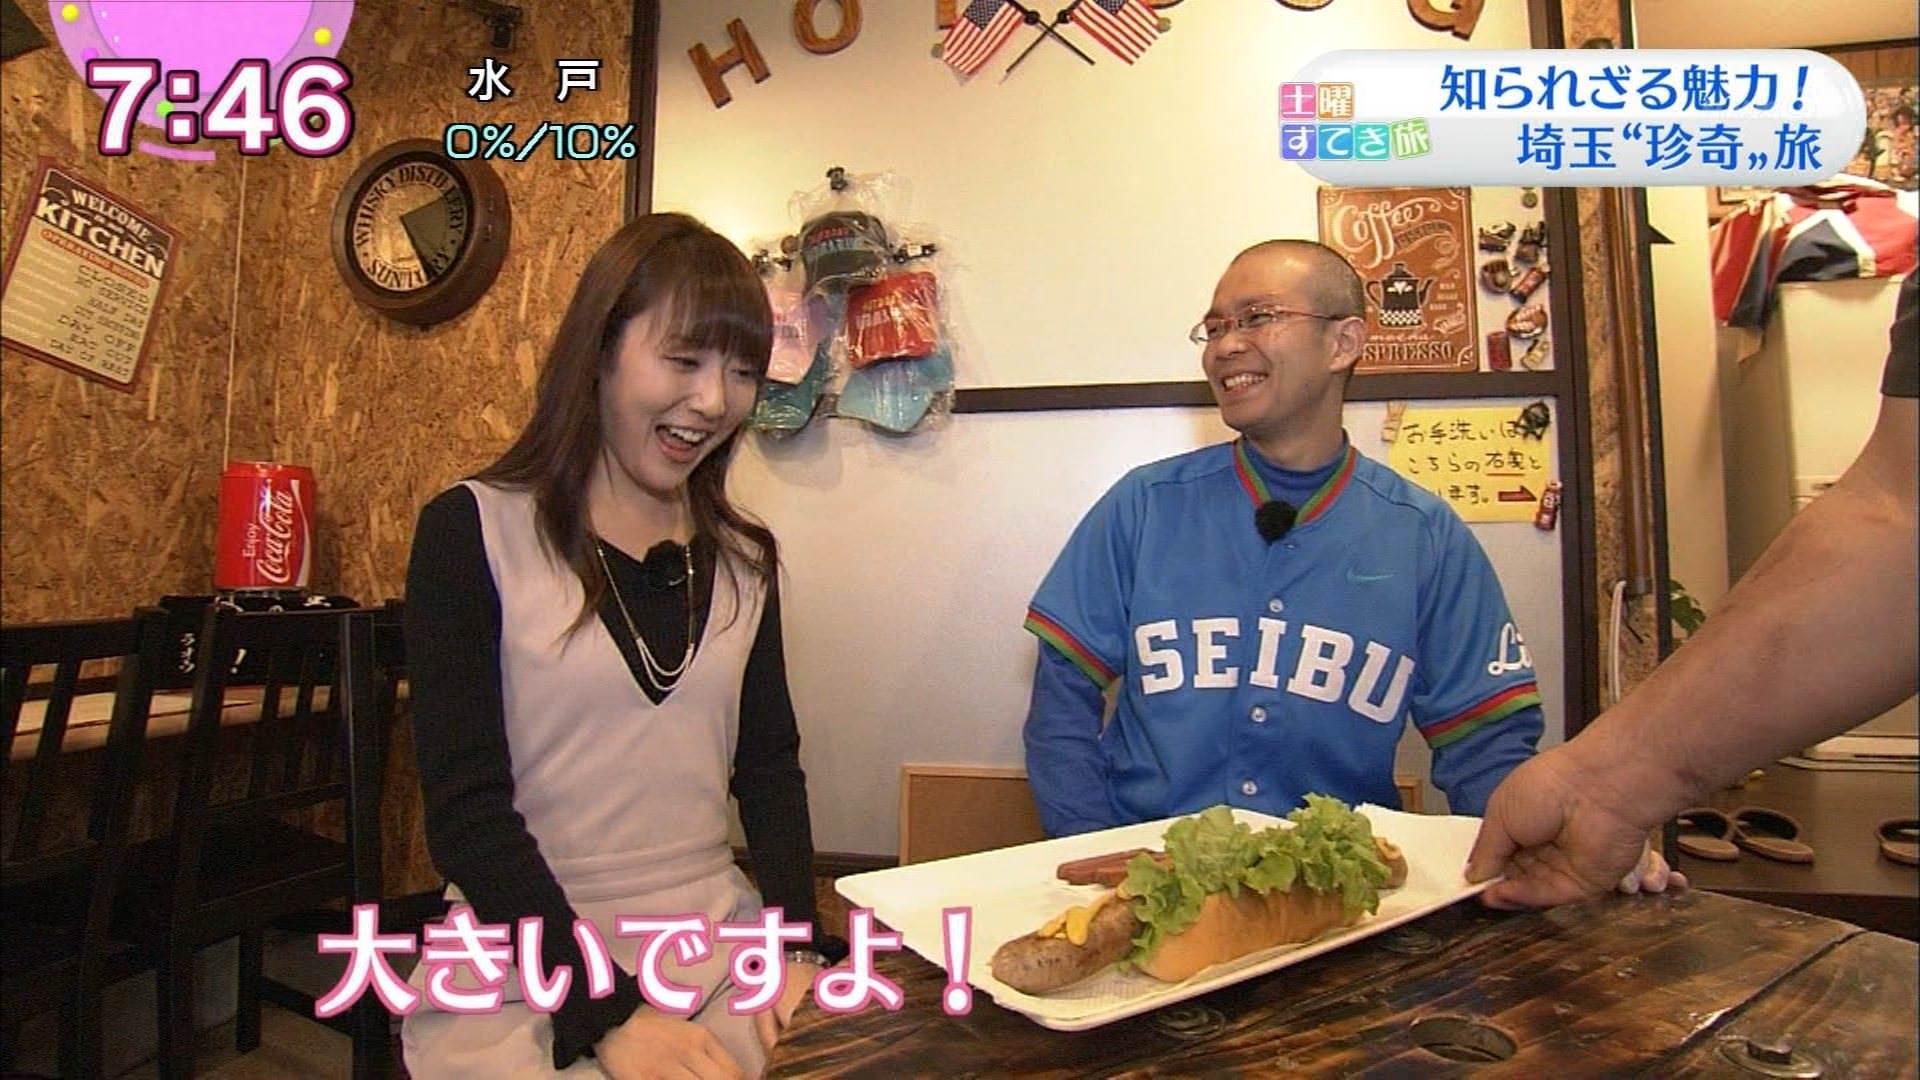 NHKさいたまの岸田麻由美アナが、とんでもない食レポを!!【GIF動画あり】